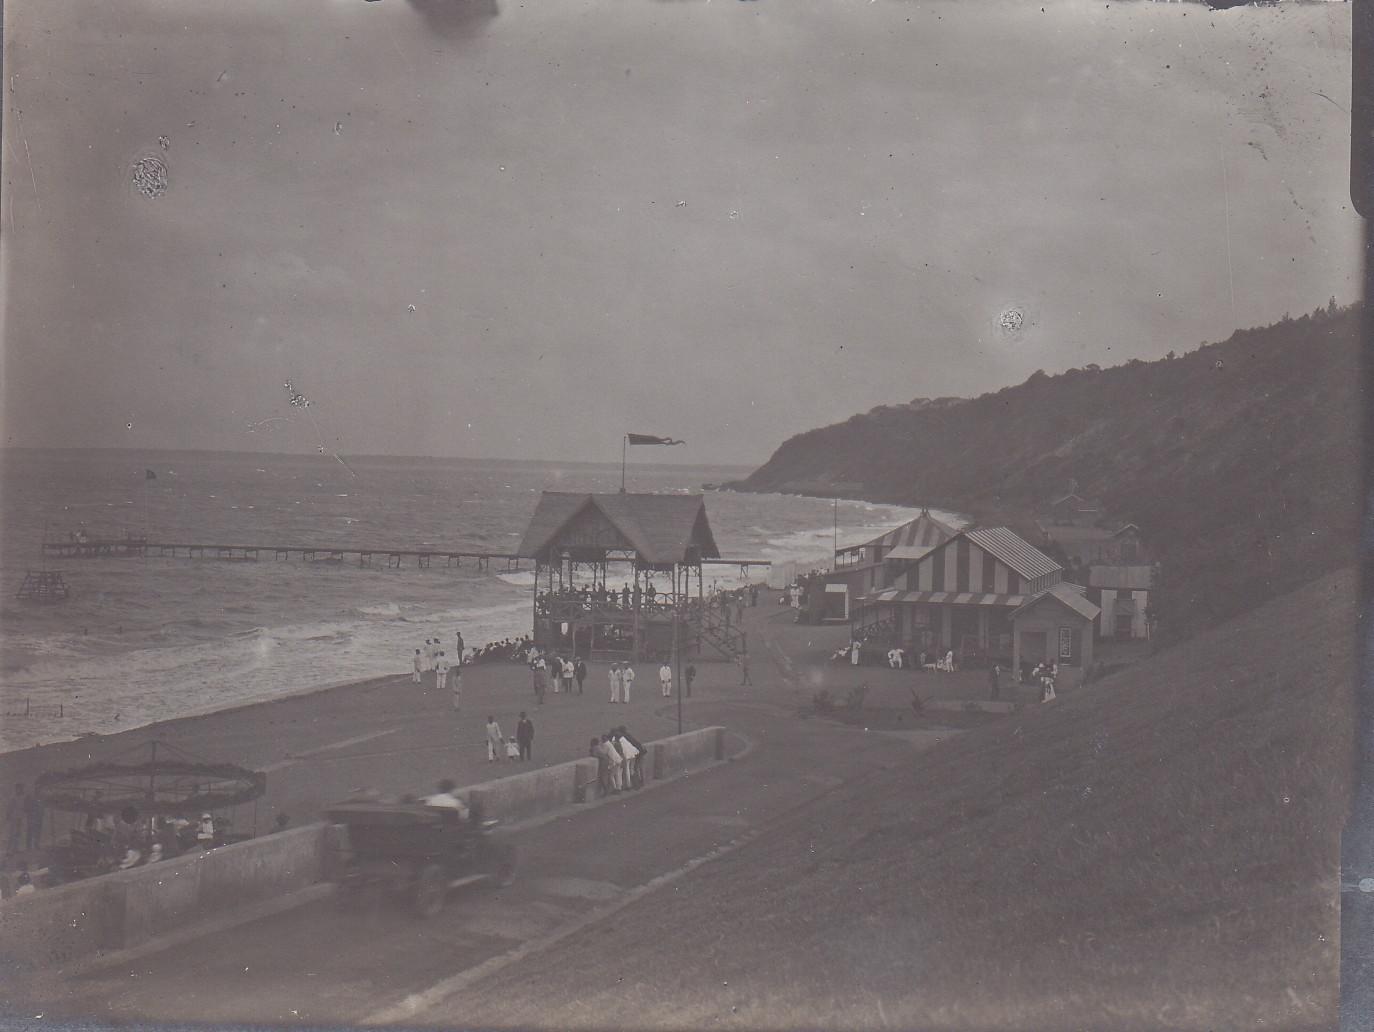 Strand von Lourenco-Marques - Musikpavillion, Badeanstalt und Bar